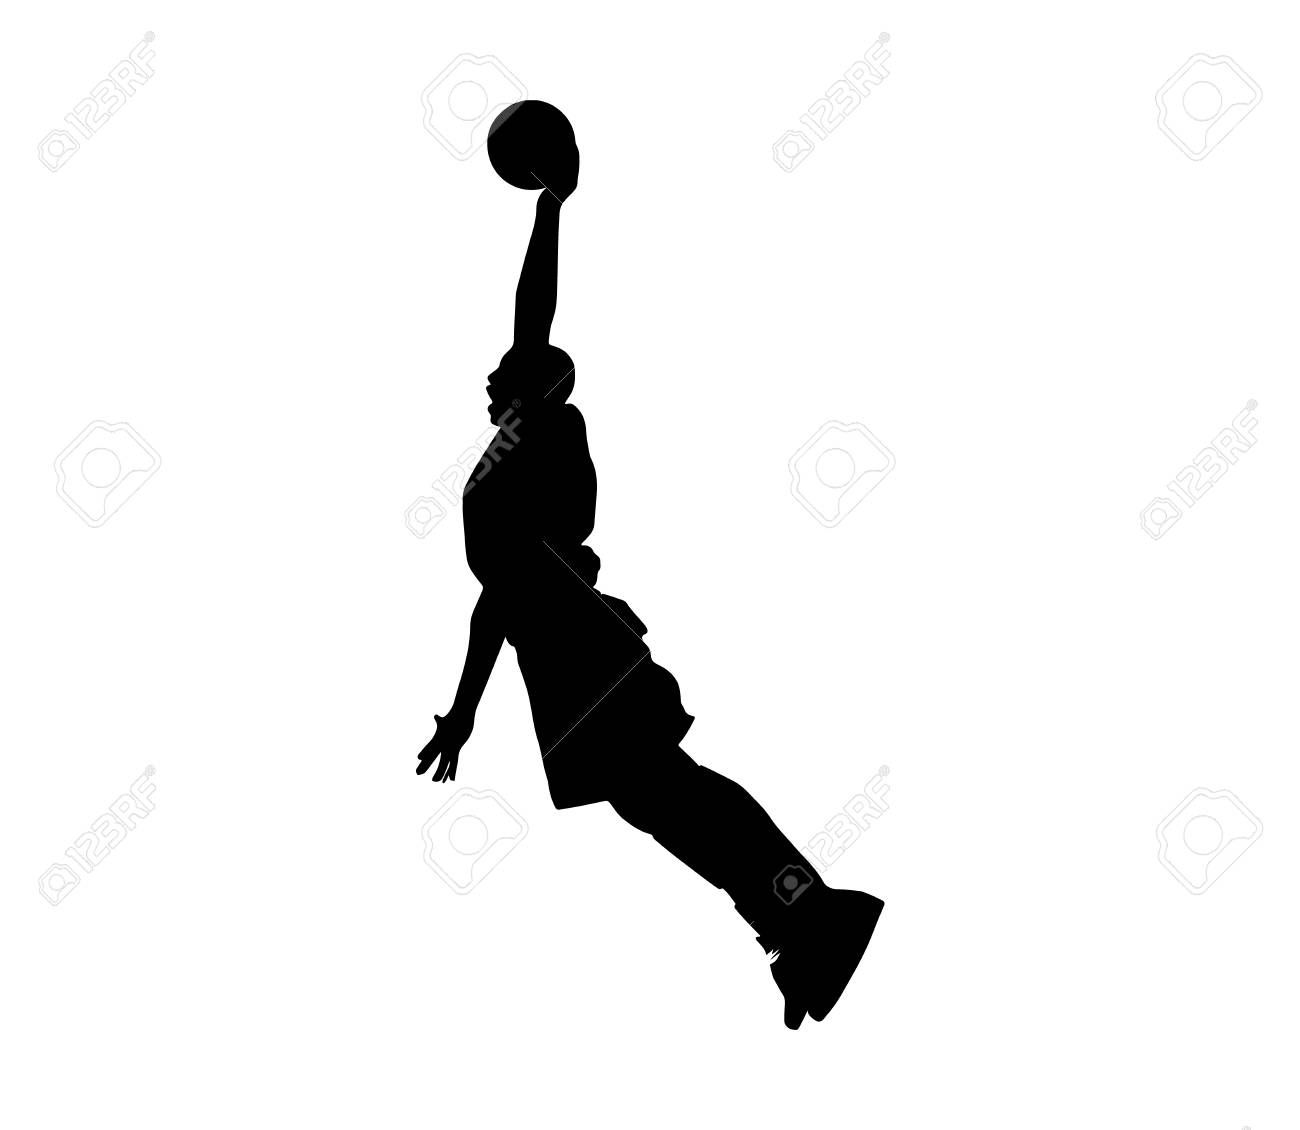 Basketball Player Slam Dunk Black Silhouette On White Background Sponsored Slam Dunk Basketball Playe Black Silhouette Silhouette Basketball Players